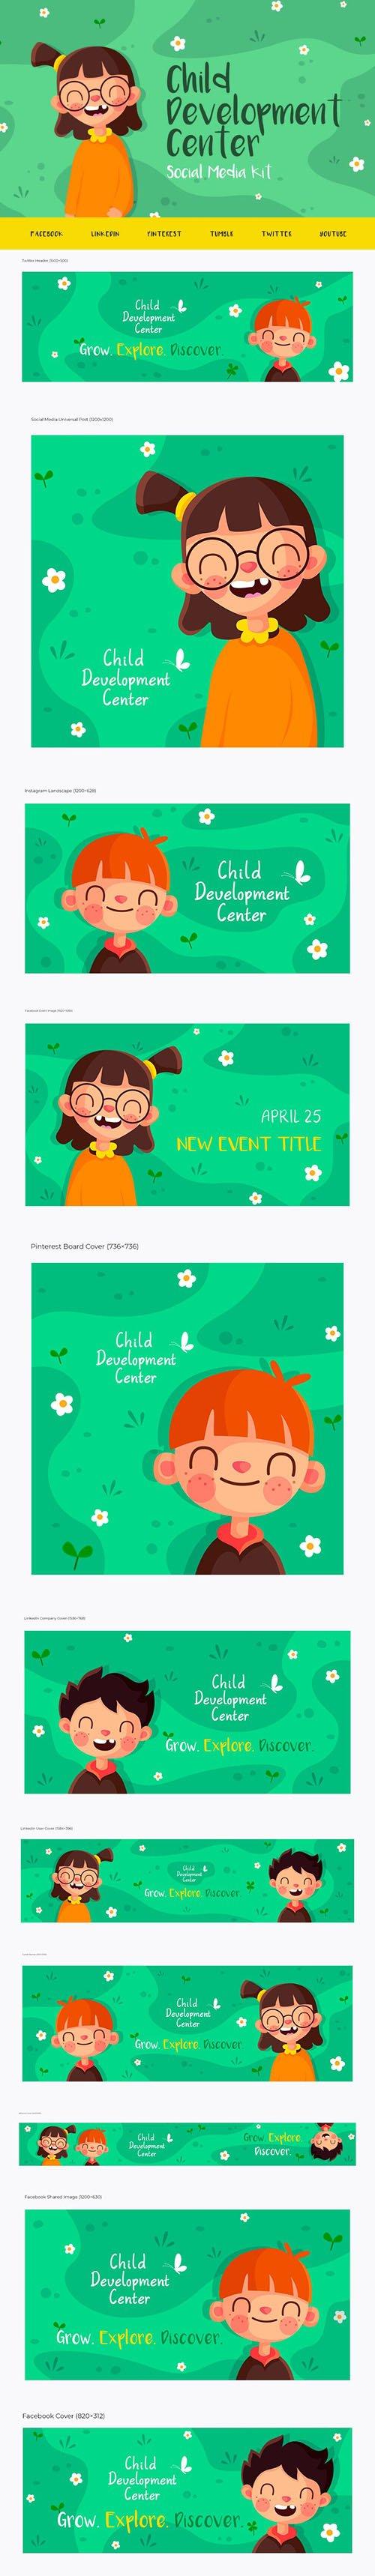 Child Development Center - Social Media Kit